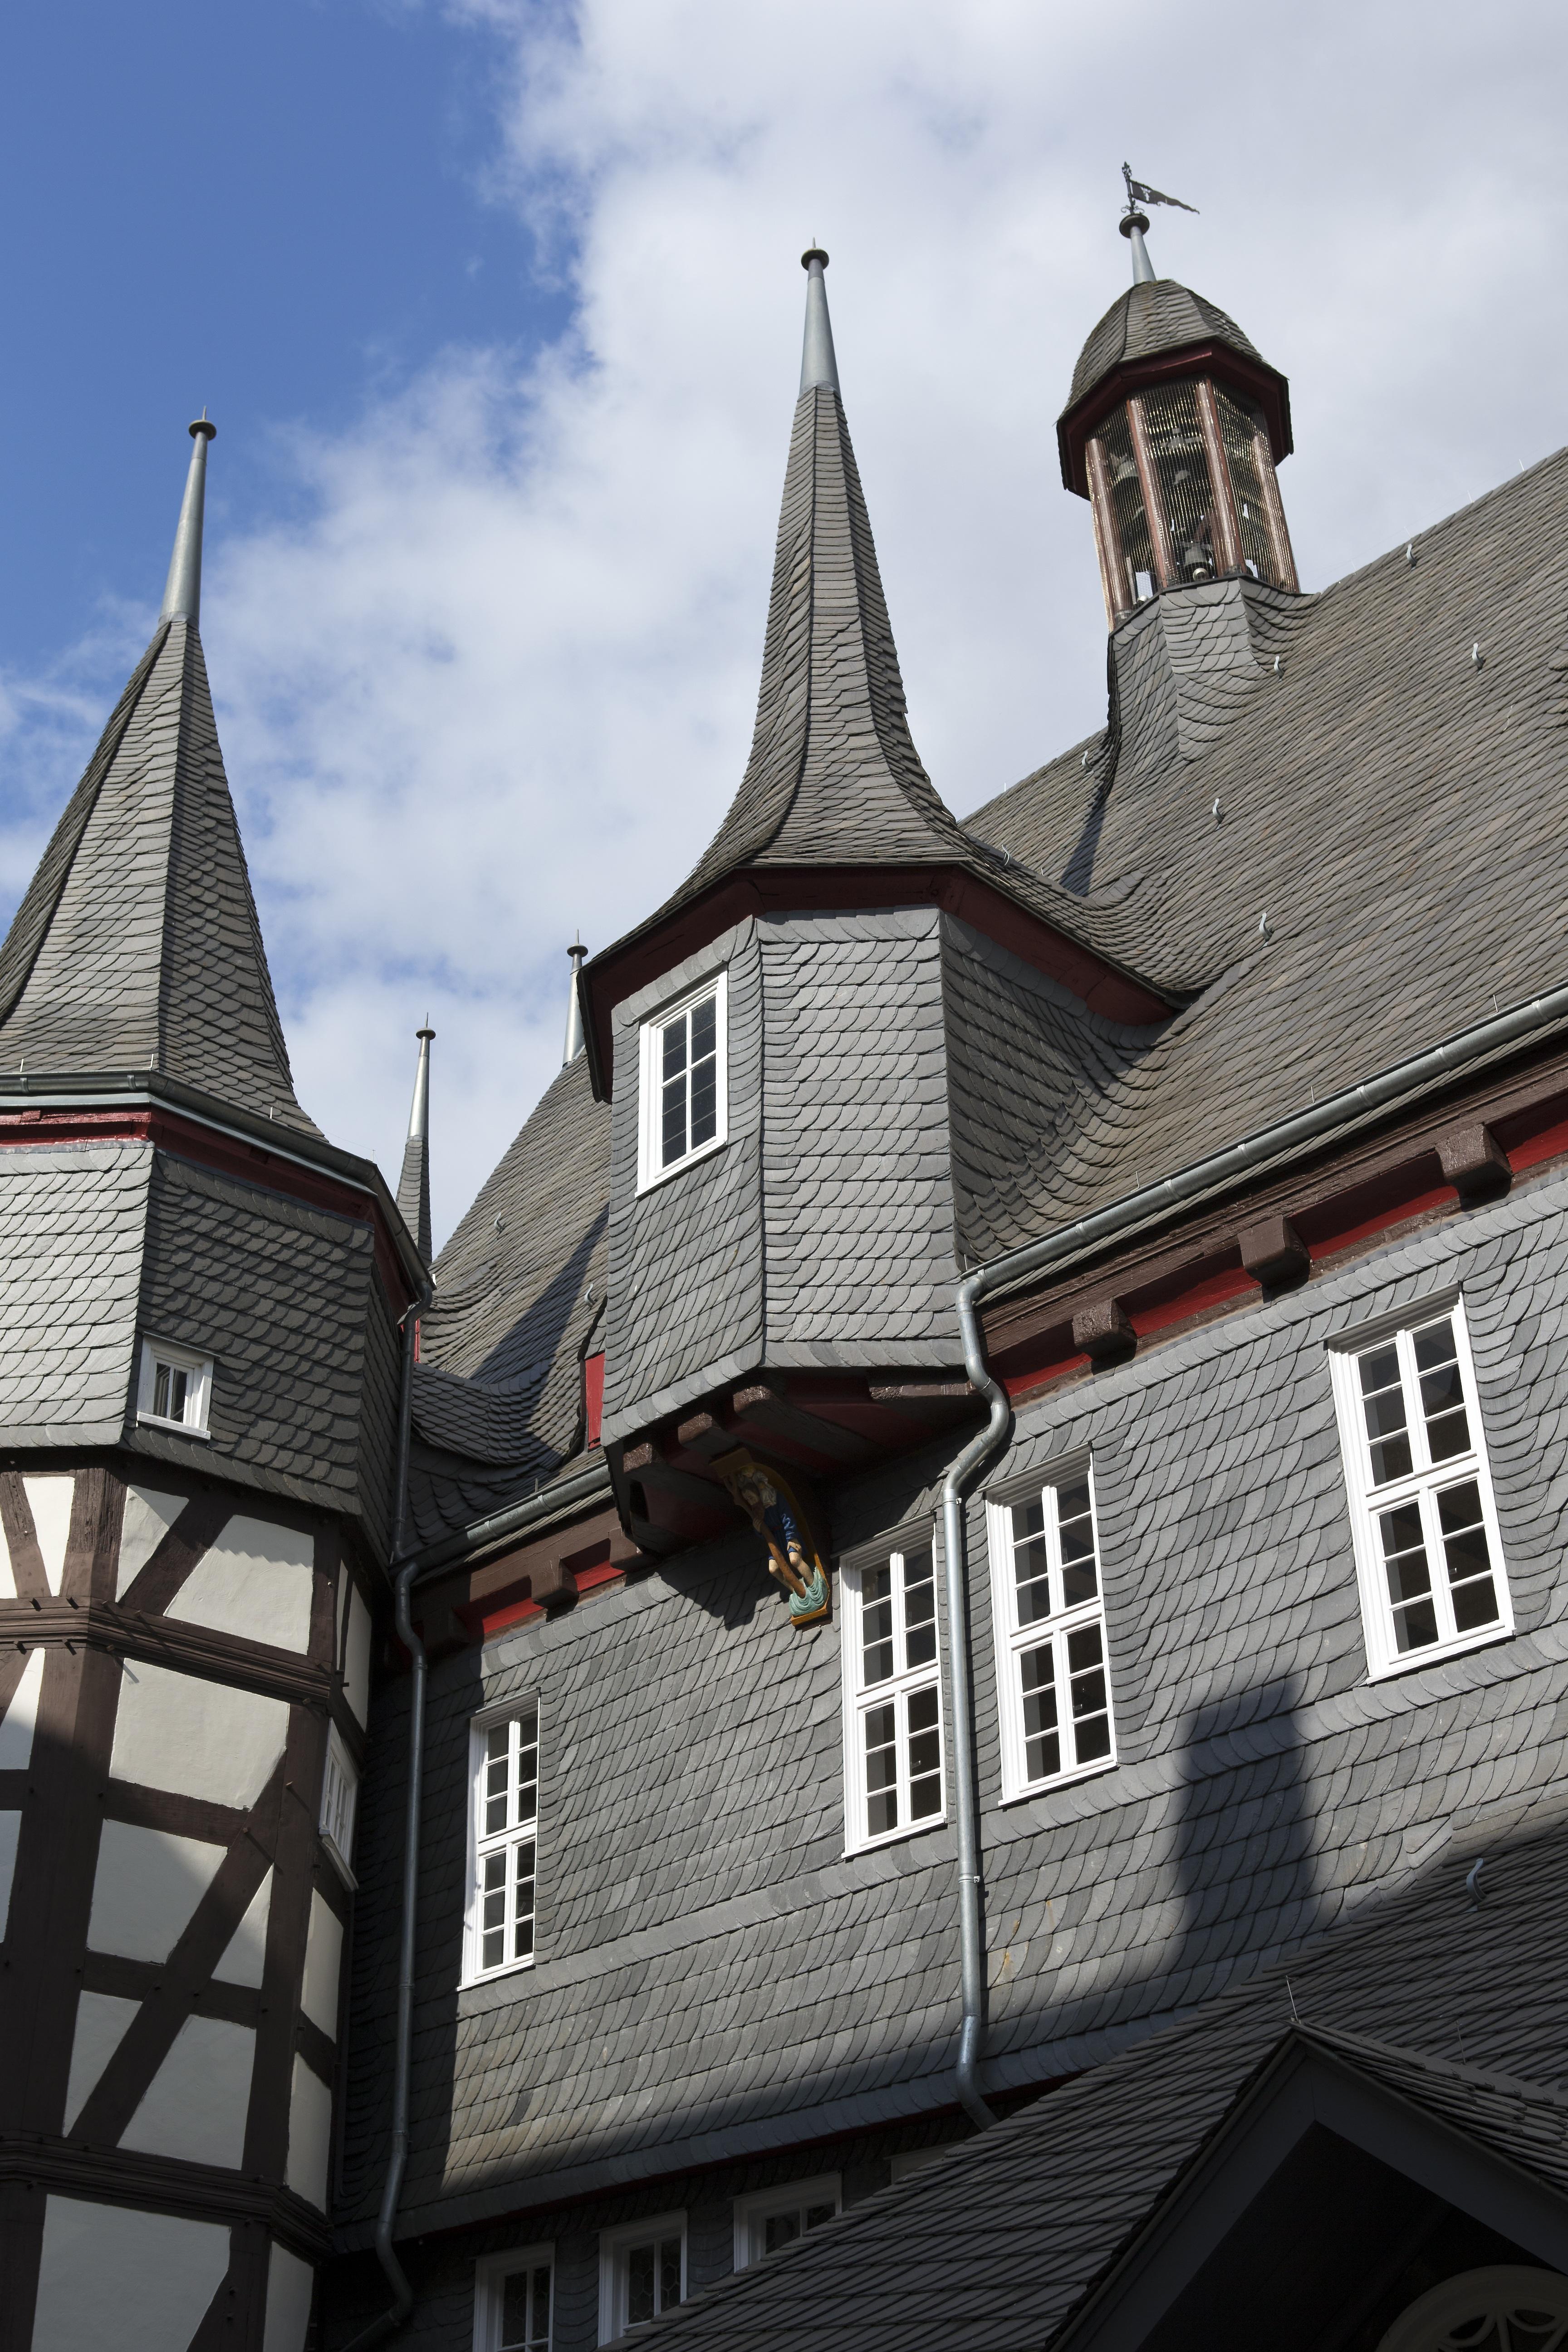 Fotos gratis : arquitectura, casa, pueblo, techo, edificio, torre ...